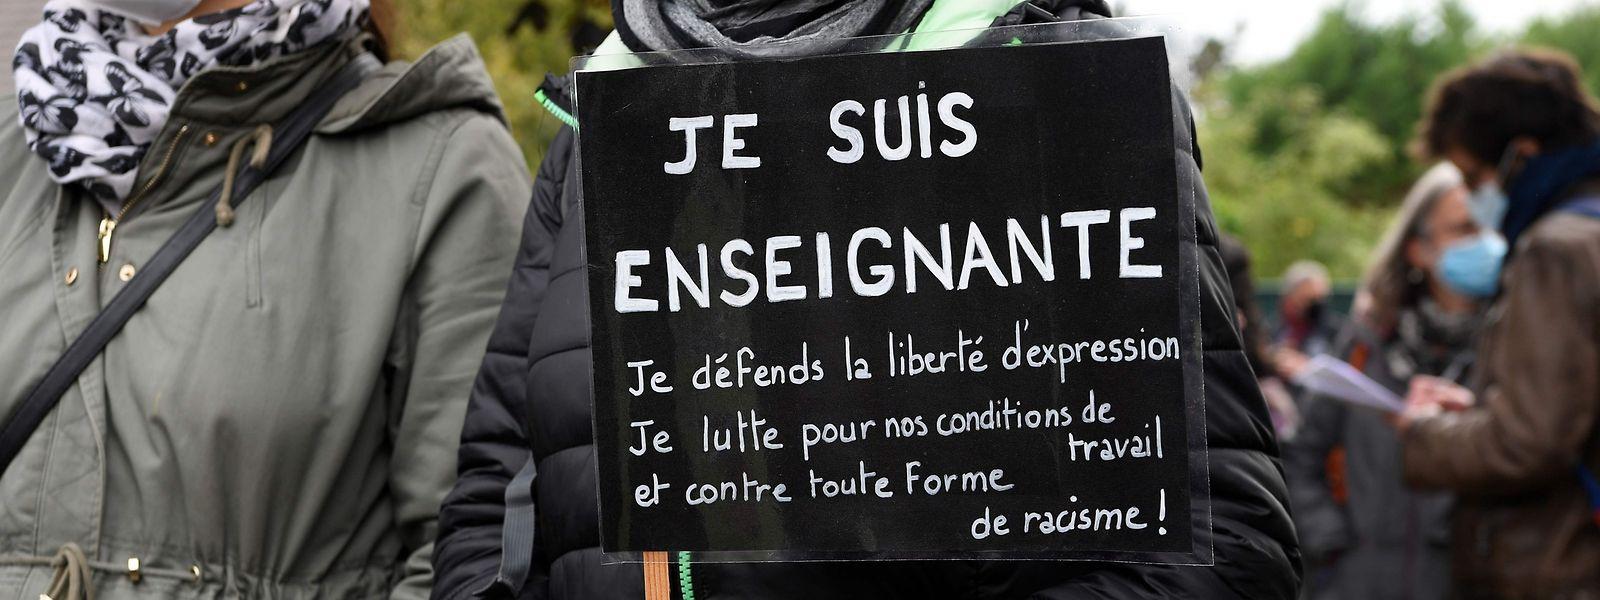 Vor dem Eingang der Schule in Conflans-Sainte-Honorine zeigten Lehrer und Bürger ihre Anteilnahme.